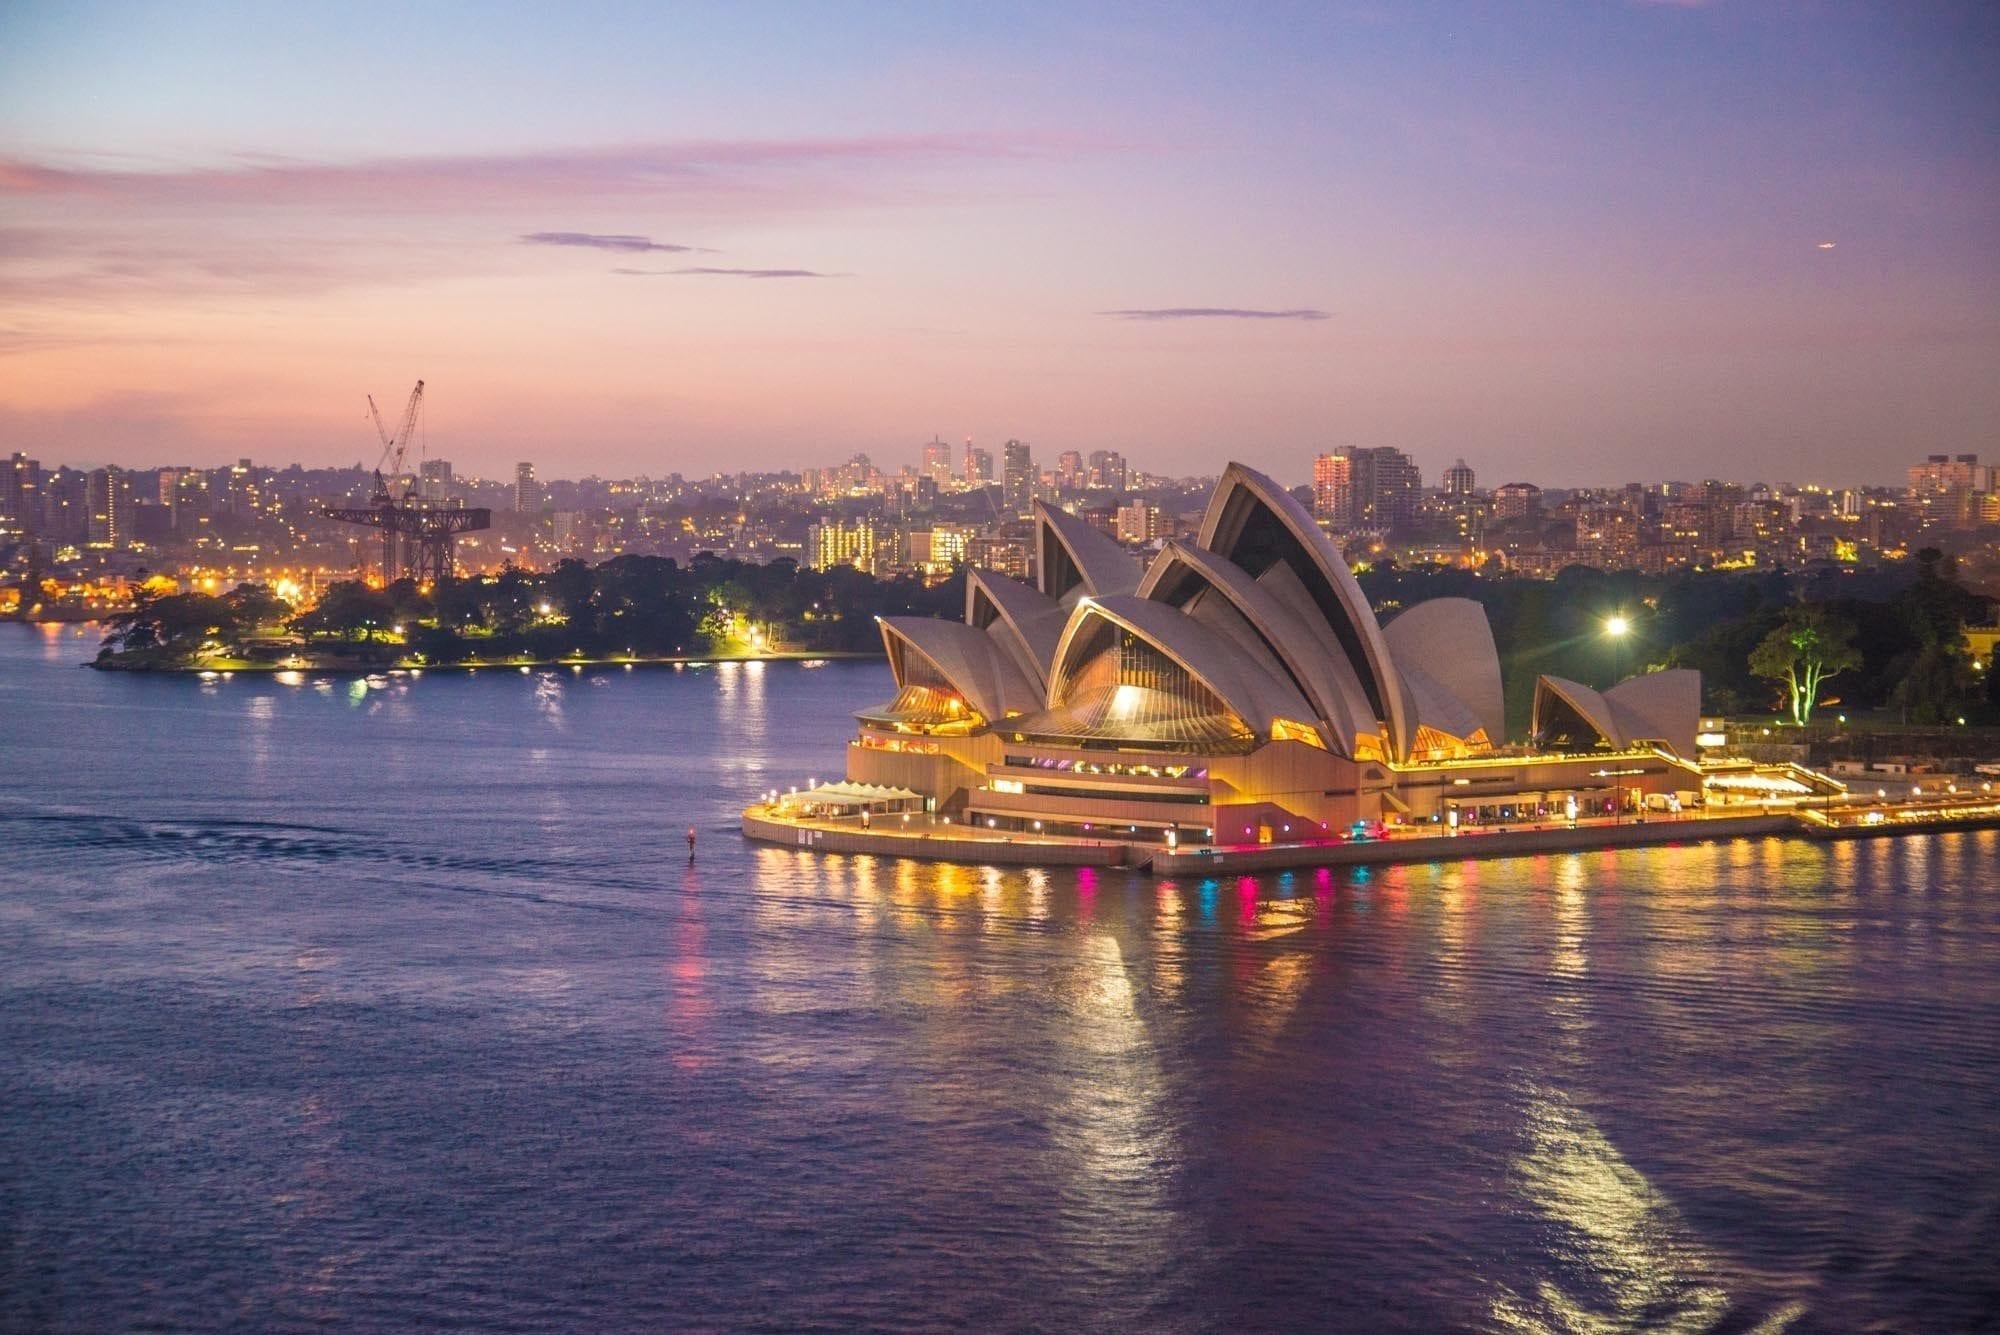 Sydney alt text